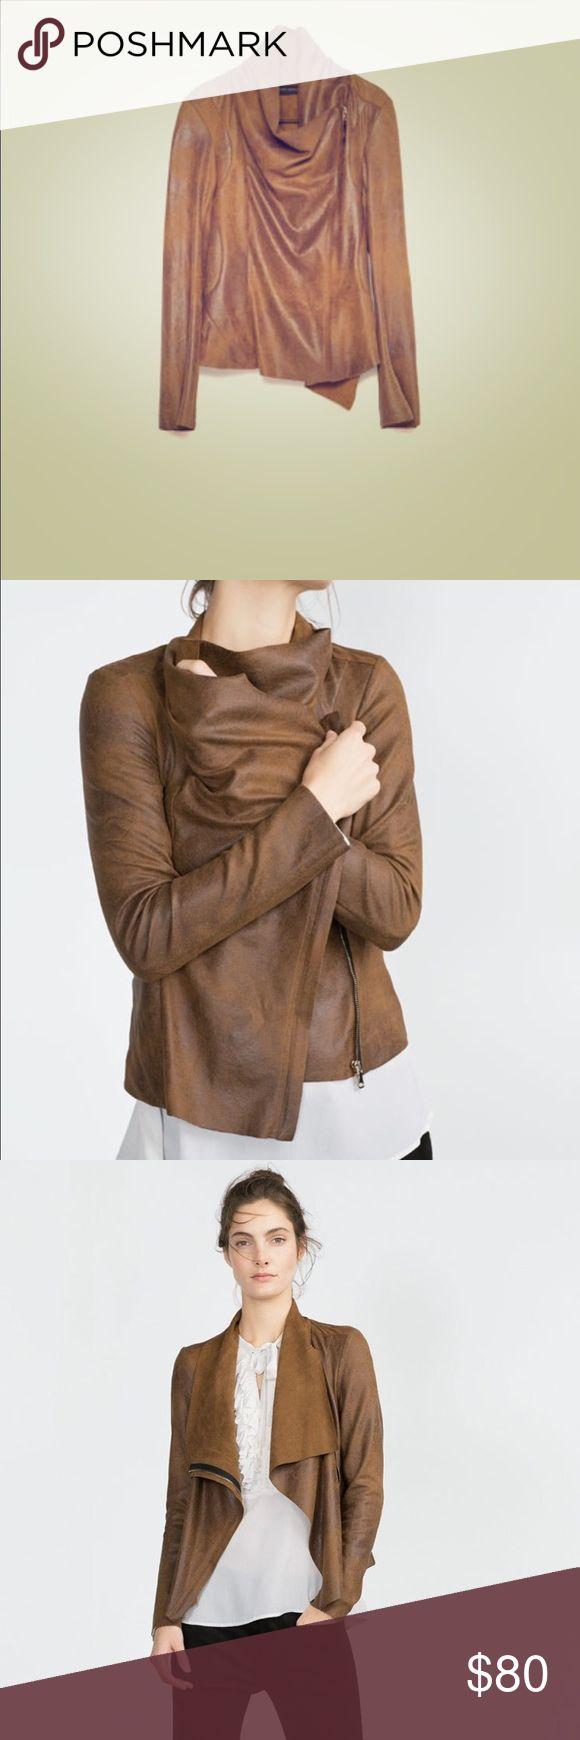 Zara brown zip up jacket Rustic brown zip up jacket, VERY stylish! Zara Jackets & Coats